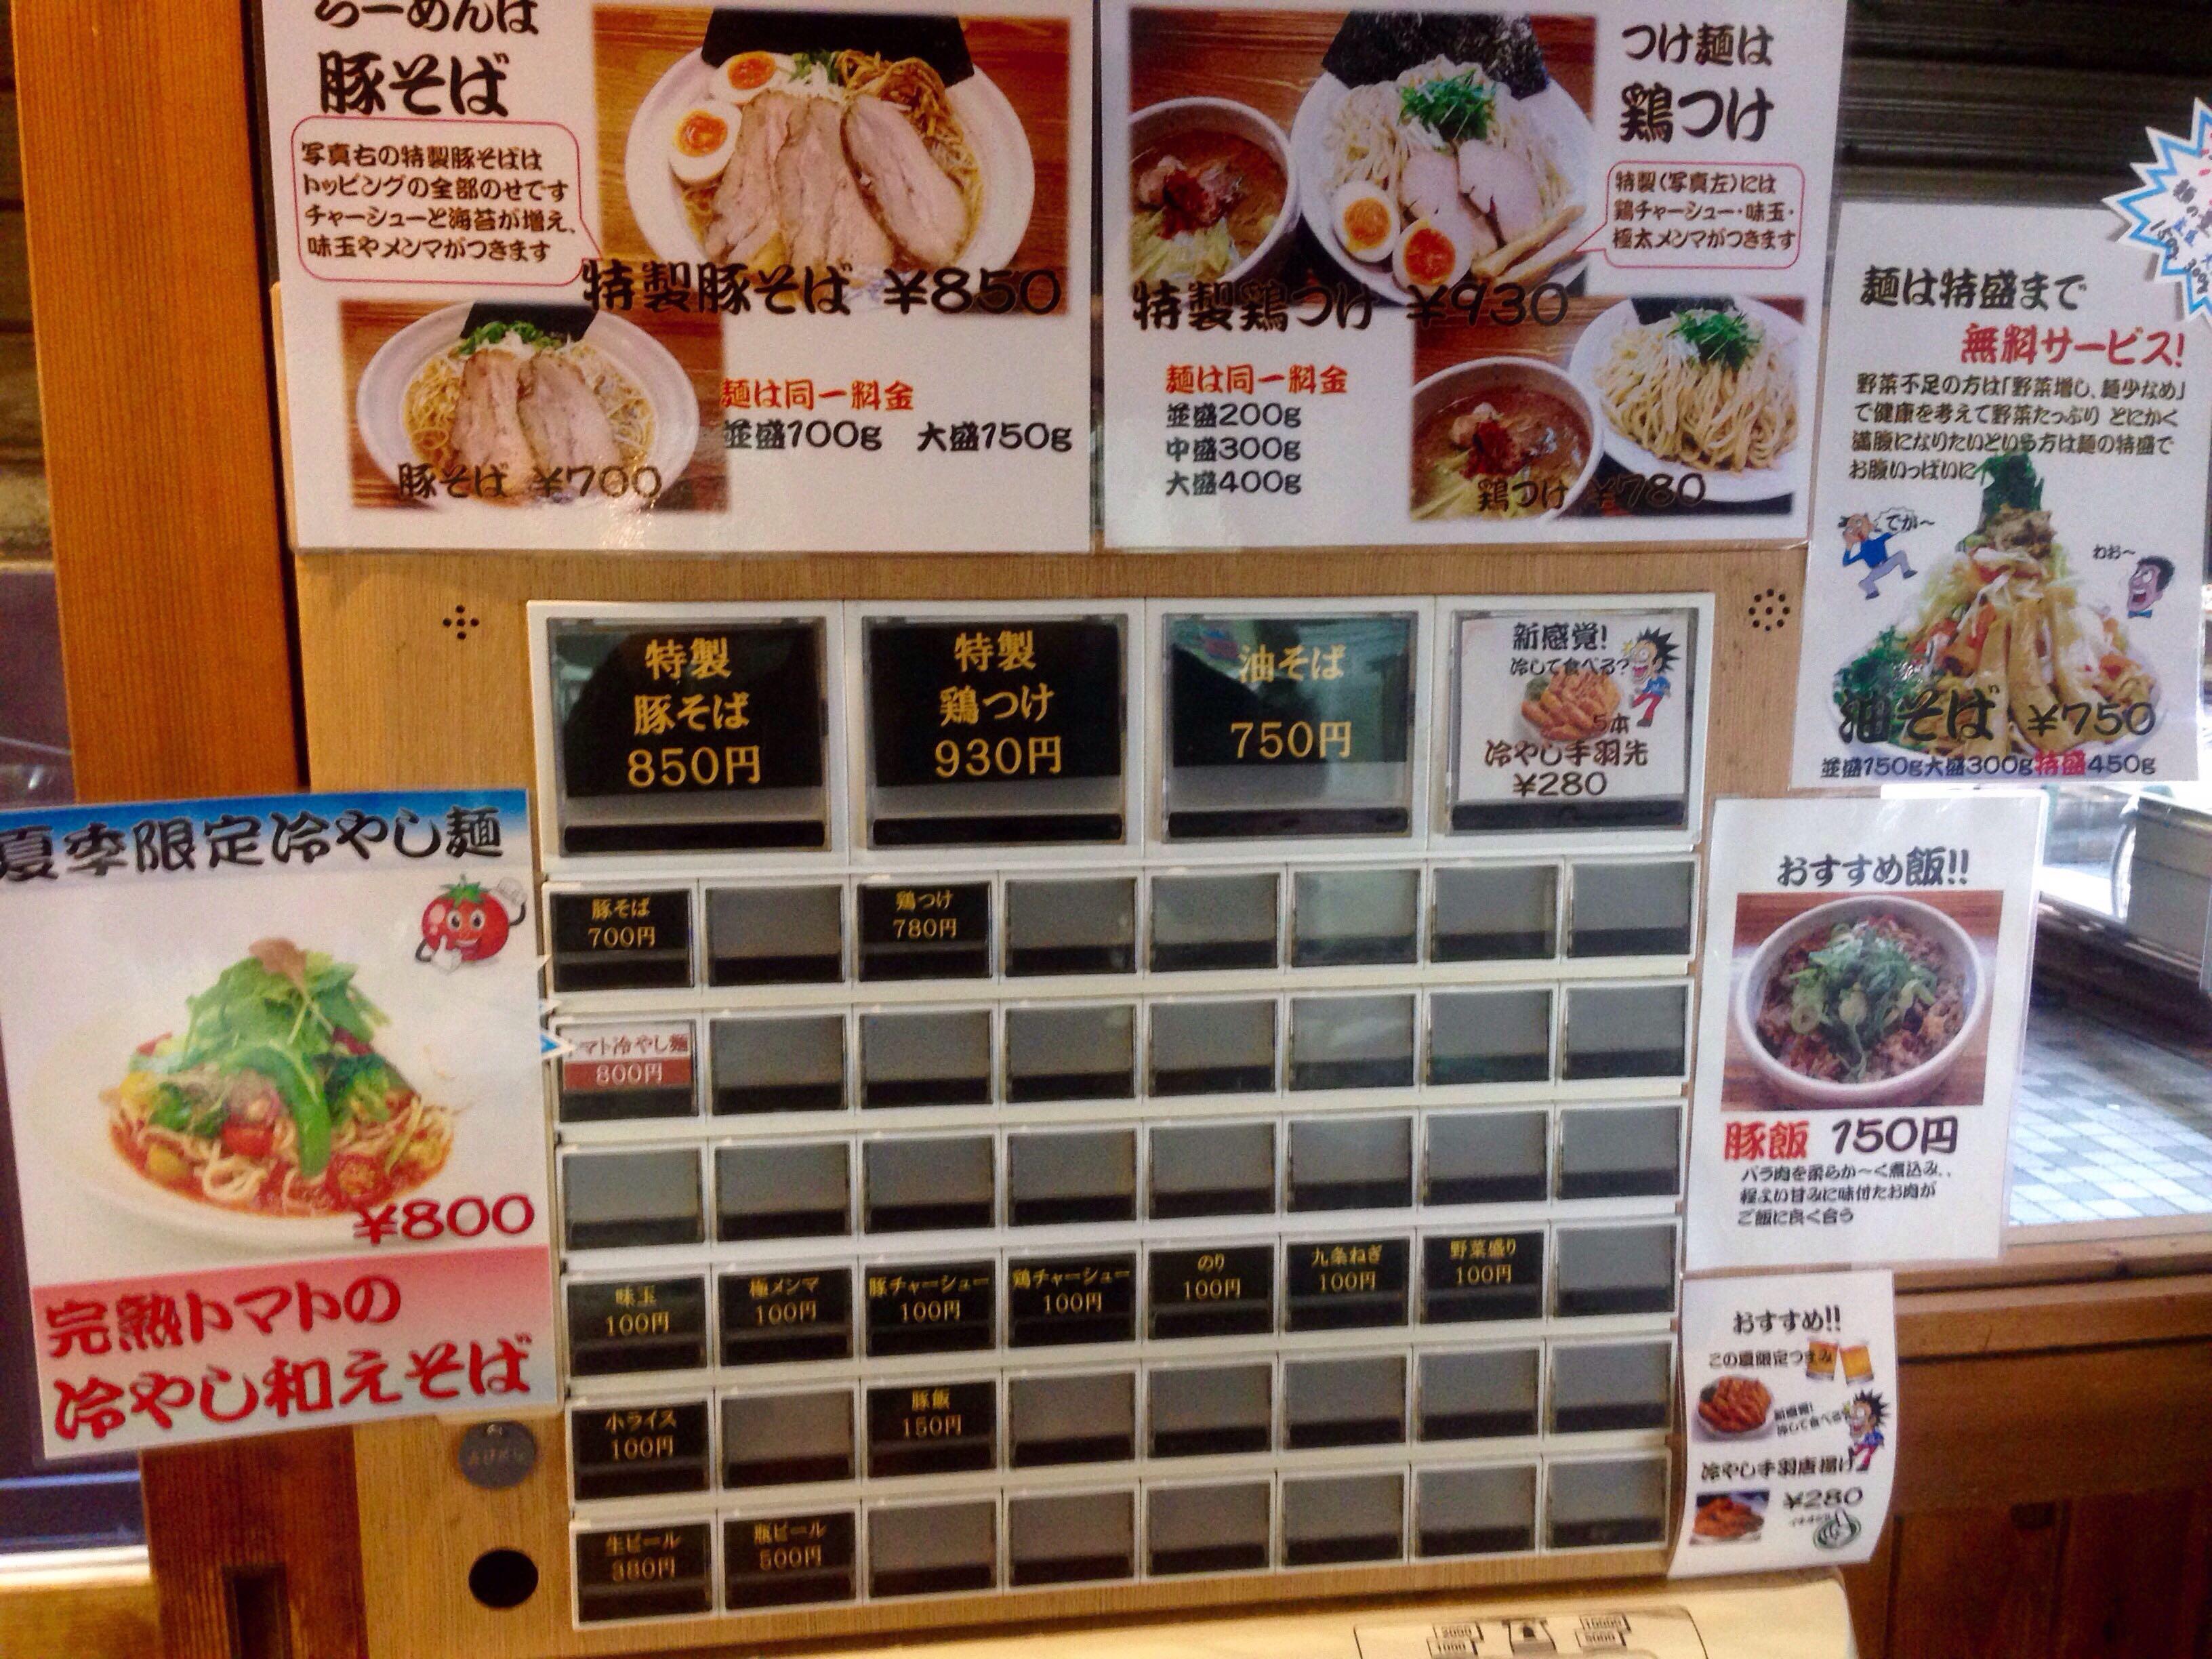 上海麺館 中野区中野5−63−4 券売機